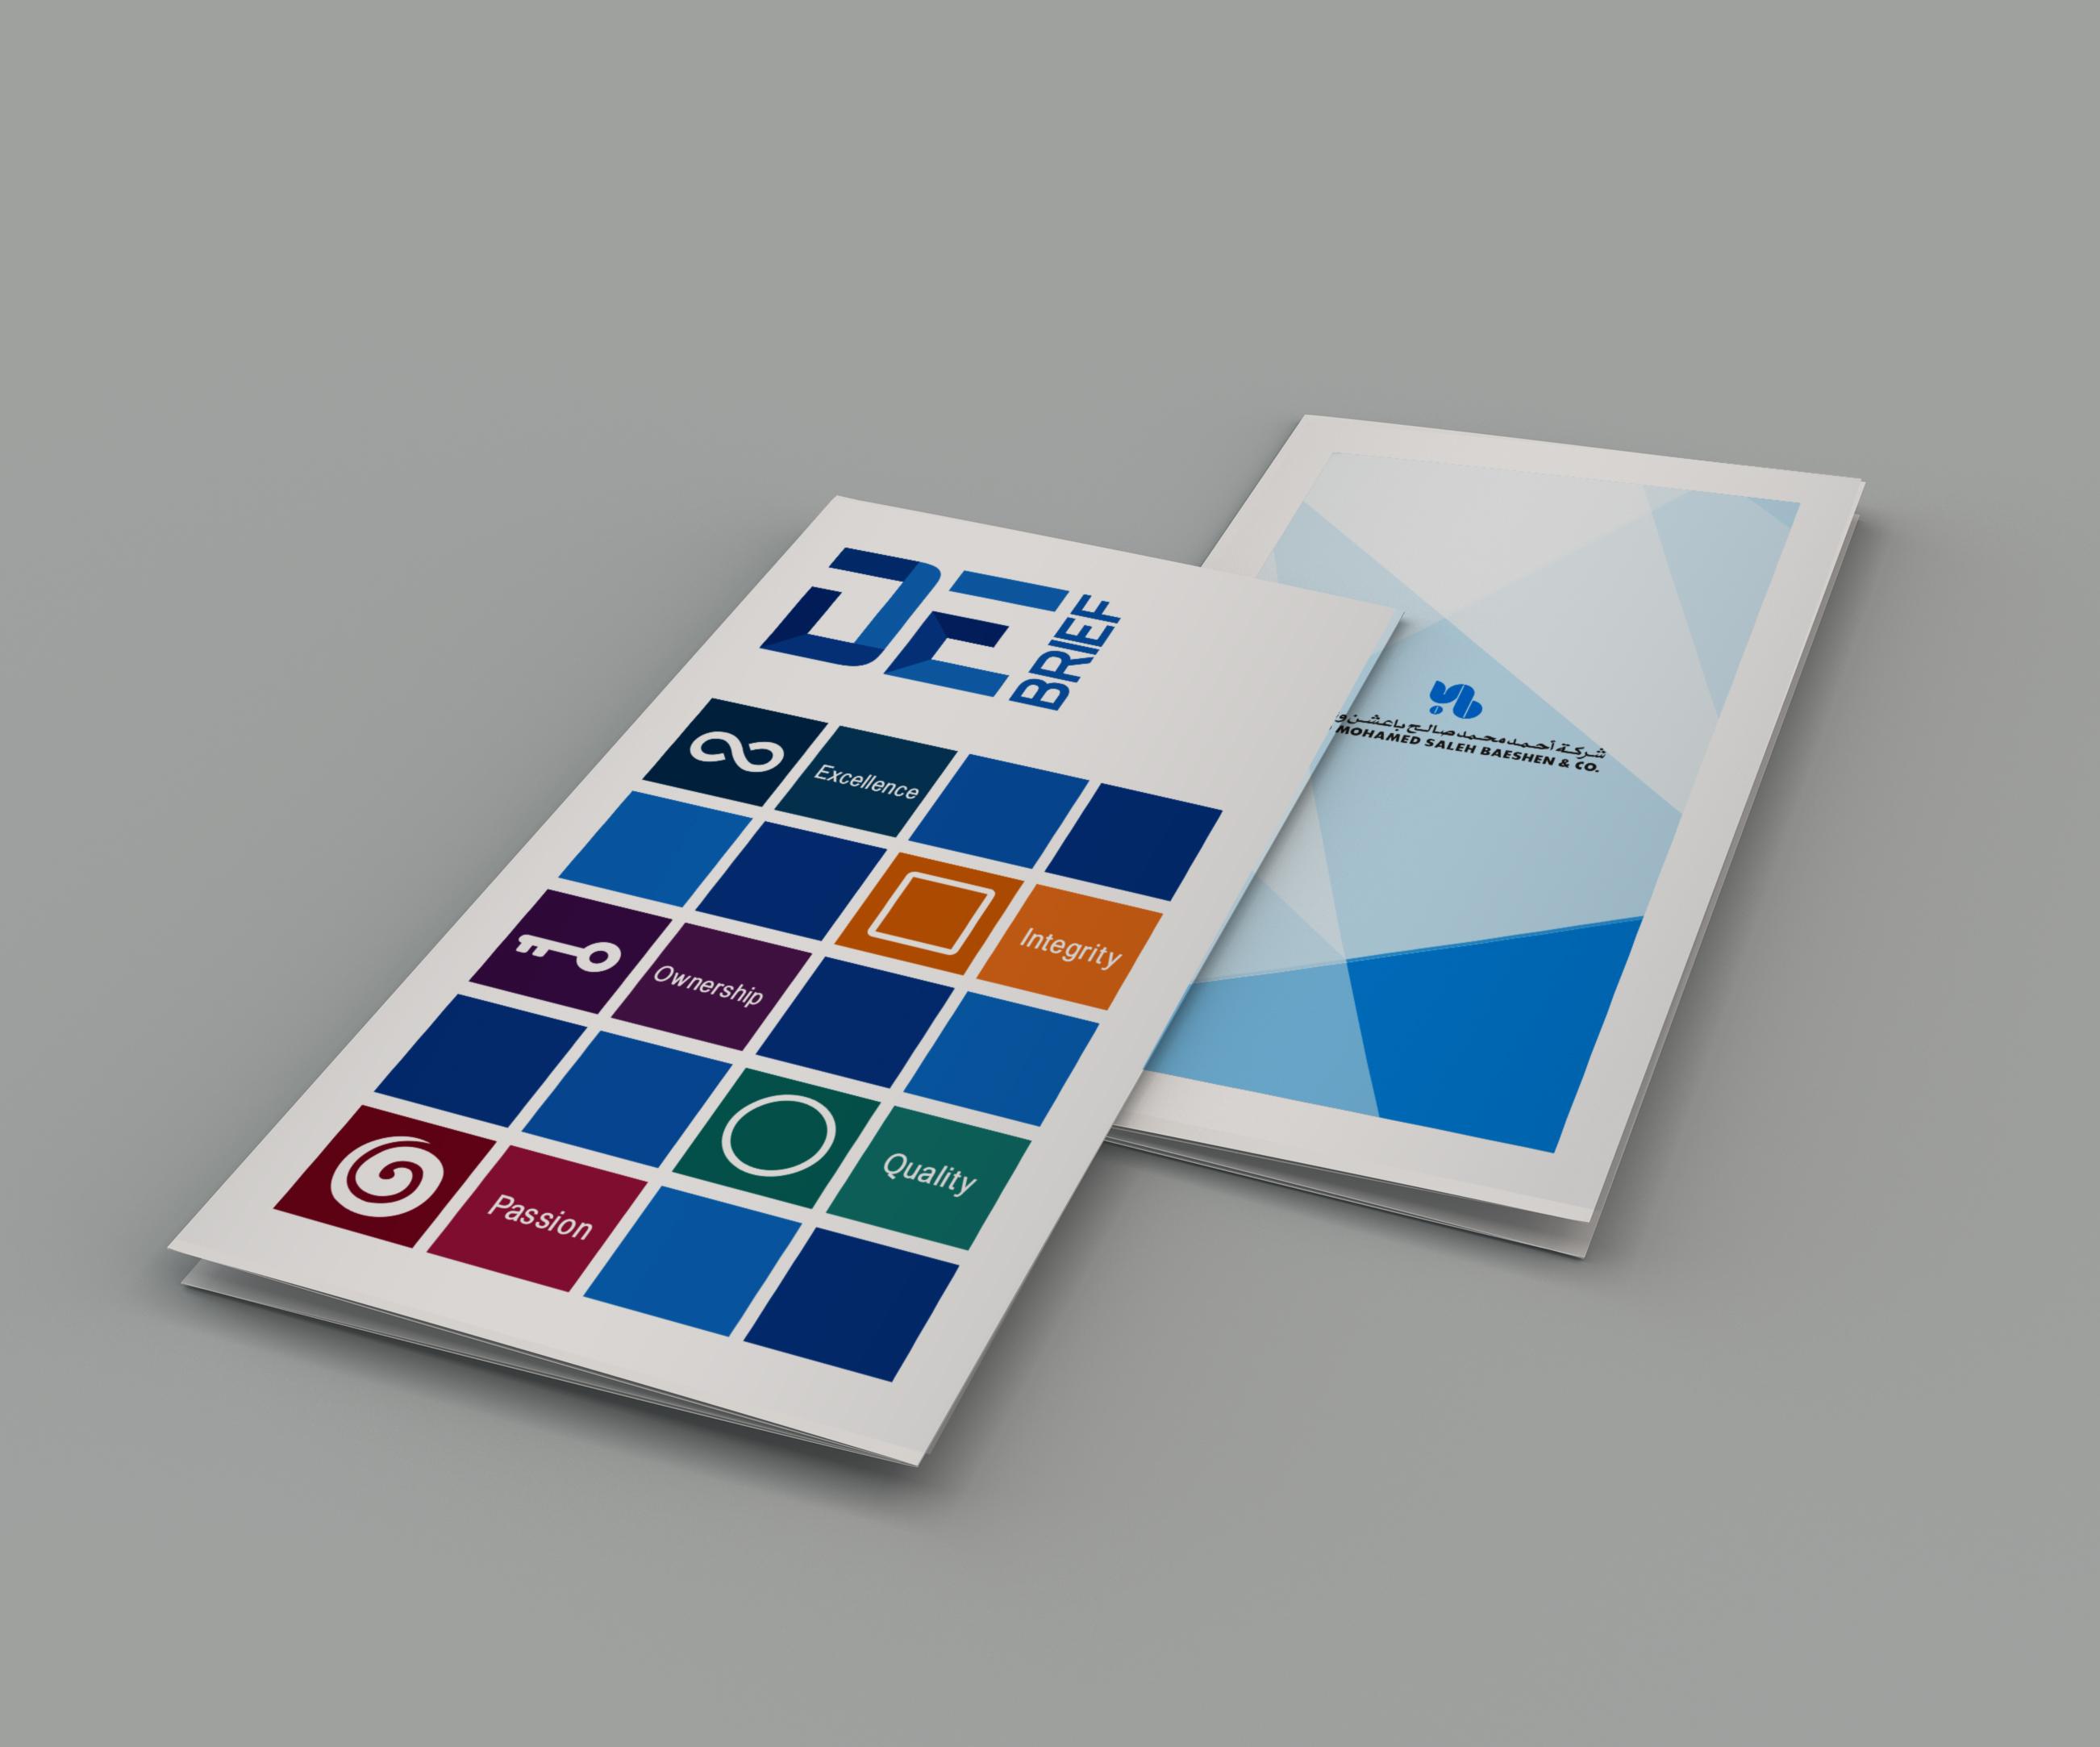 Leaflet-front & back cover